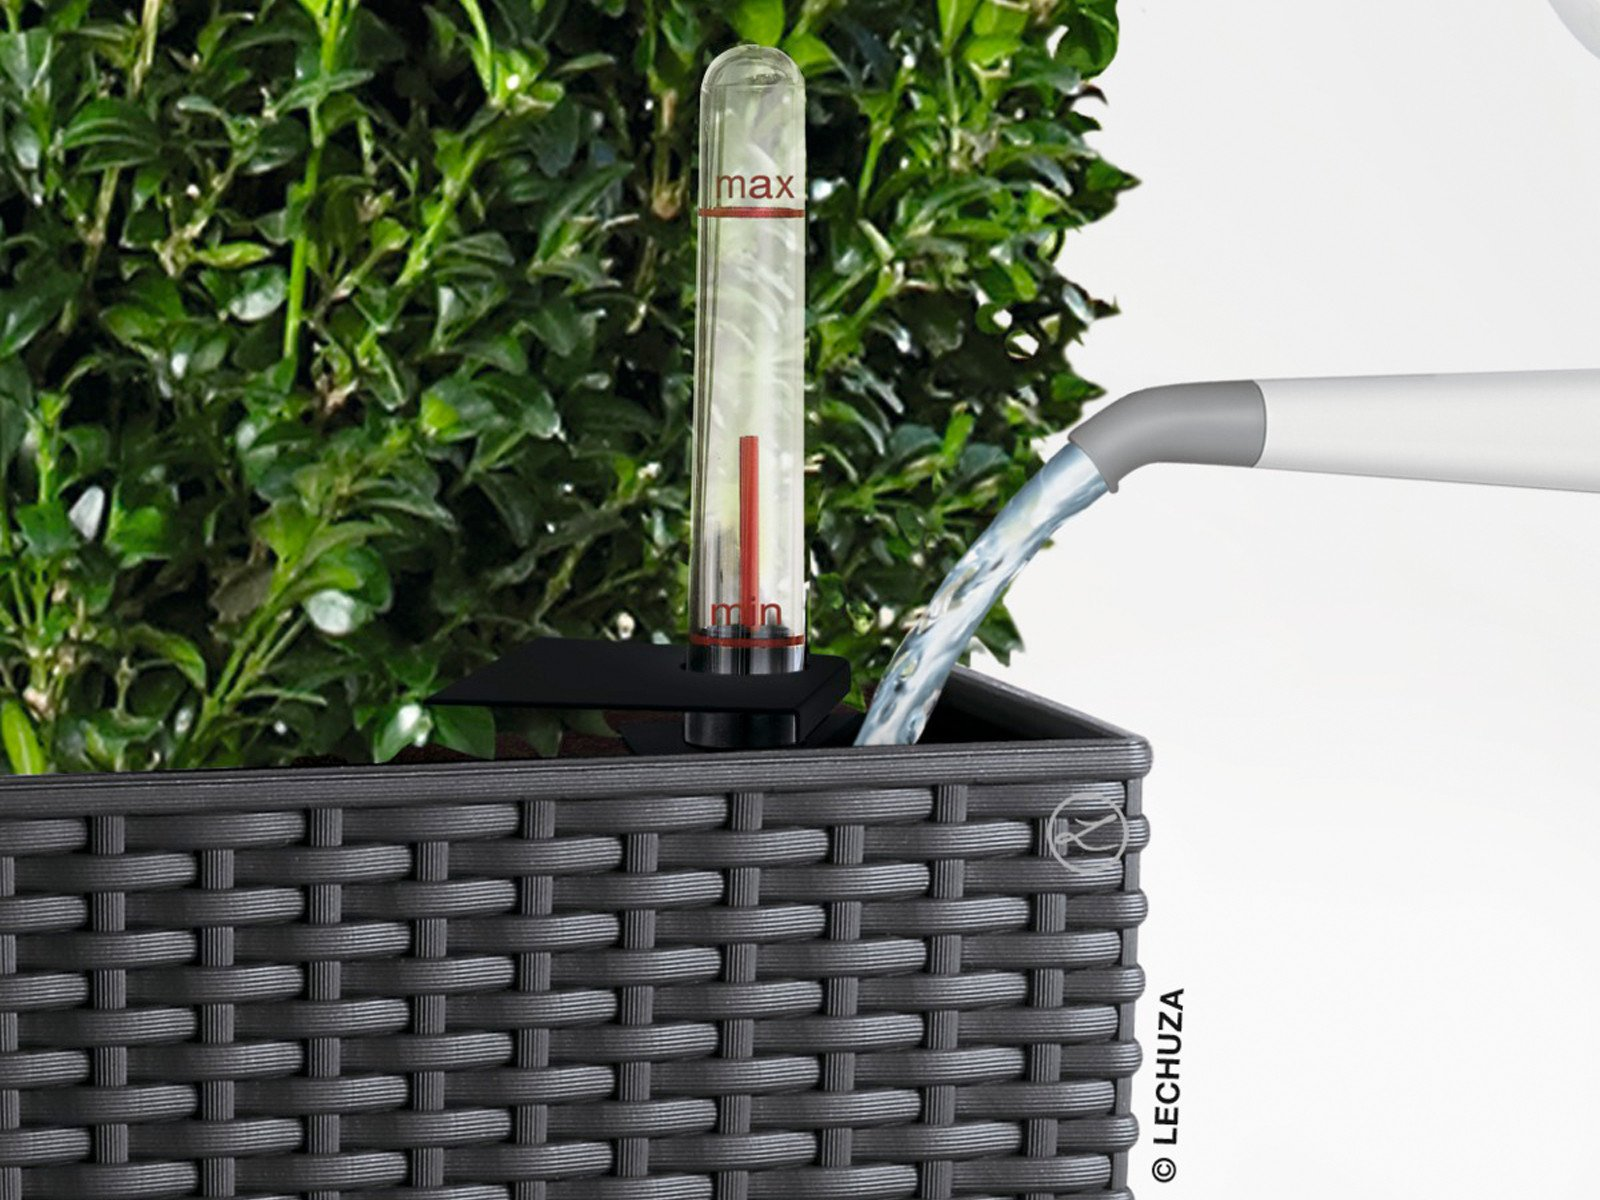 Bepflanzter Lechuza Pflanzeinsatz mit Einfüllschacht und Wasserstandsanzeige